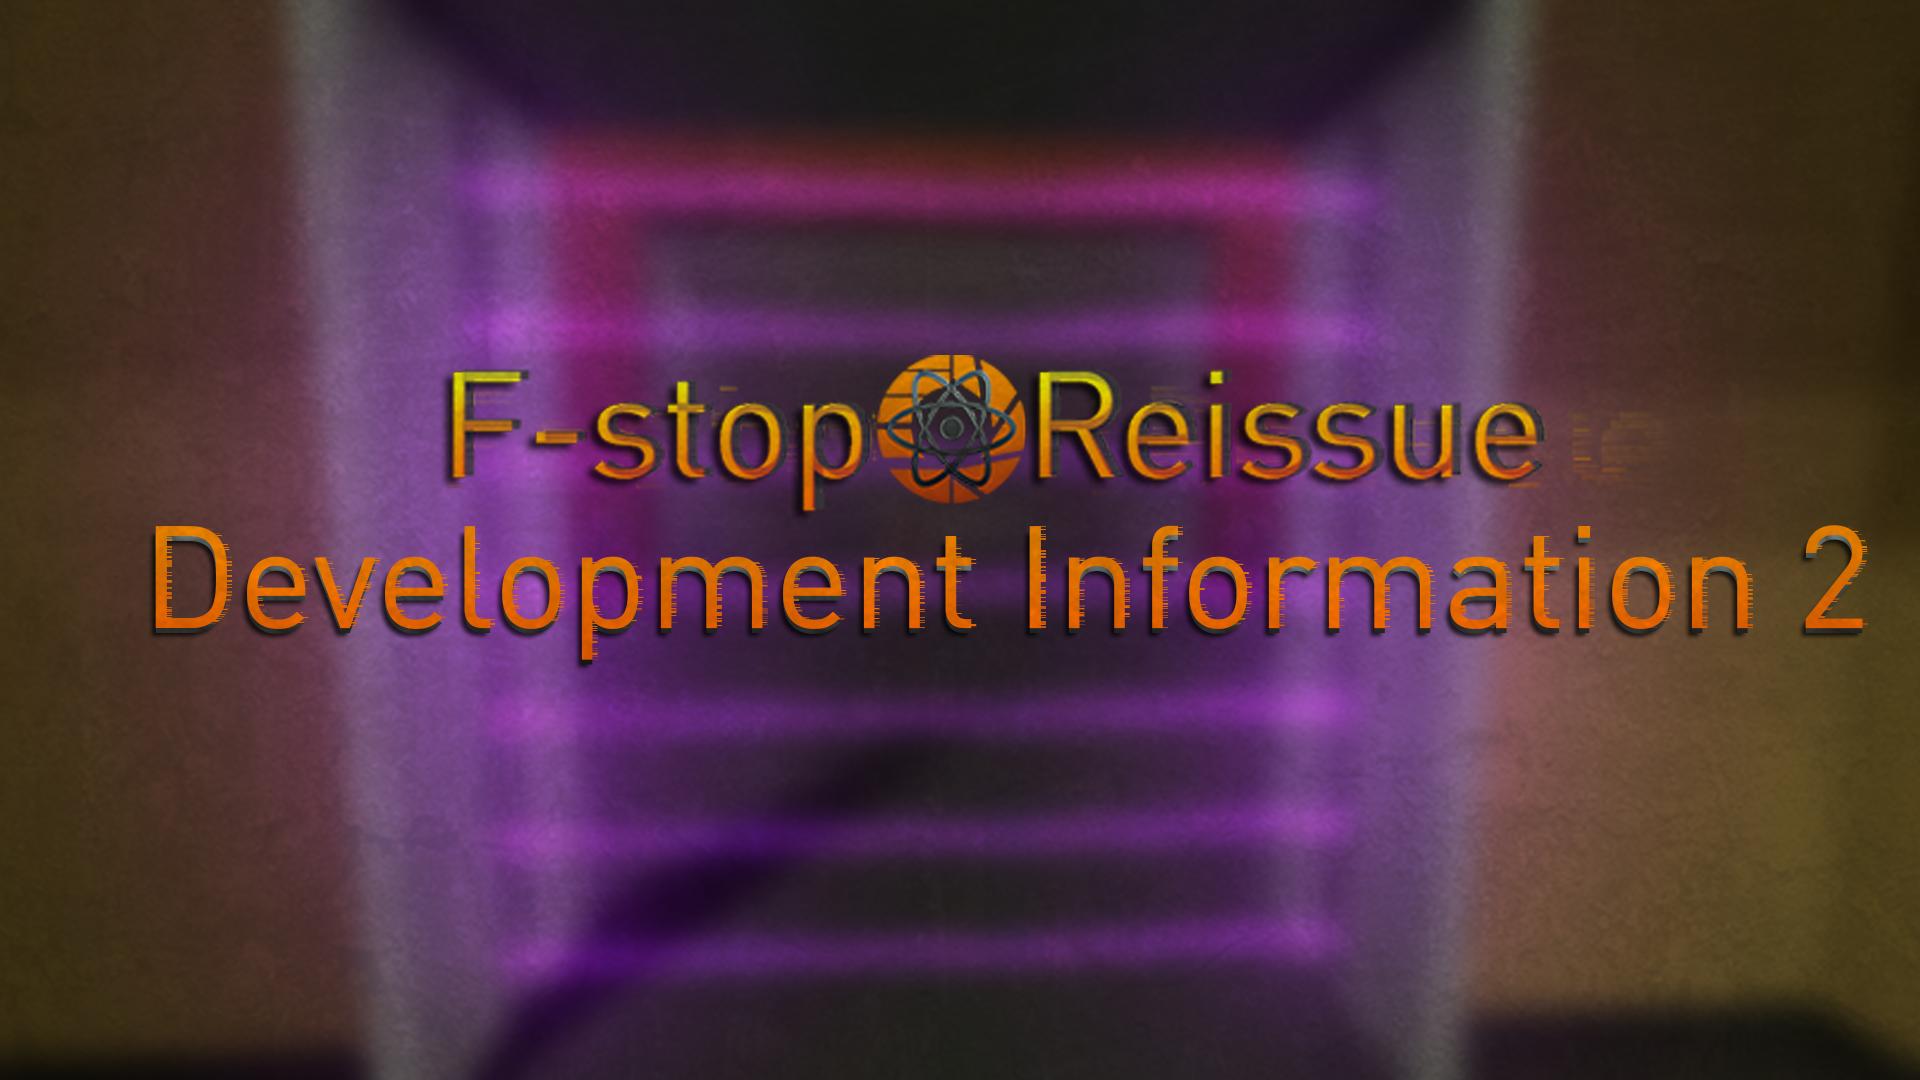 Development Information 2